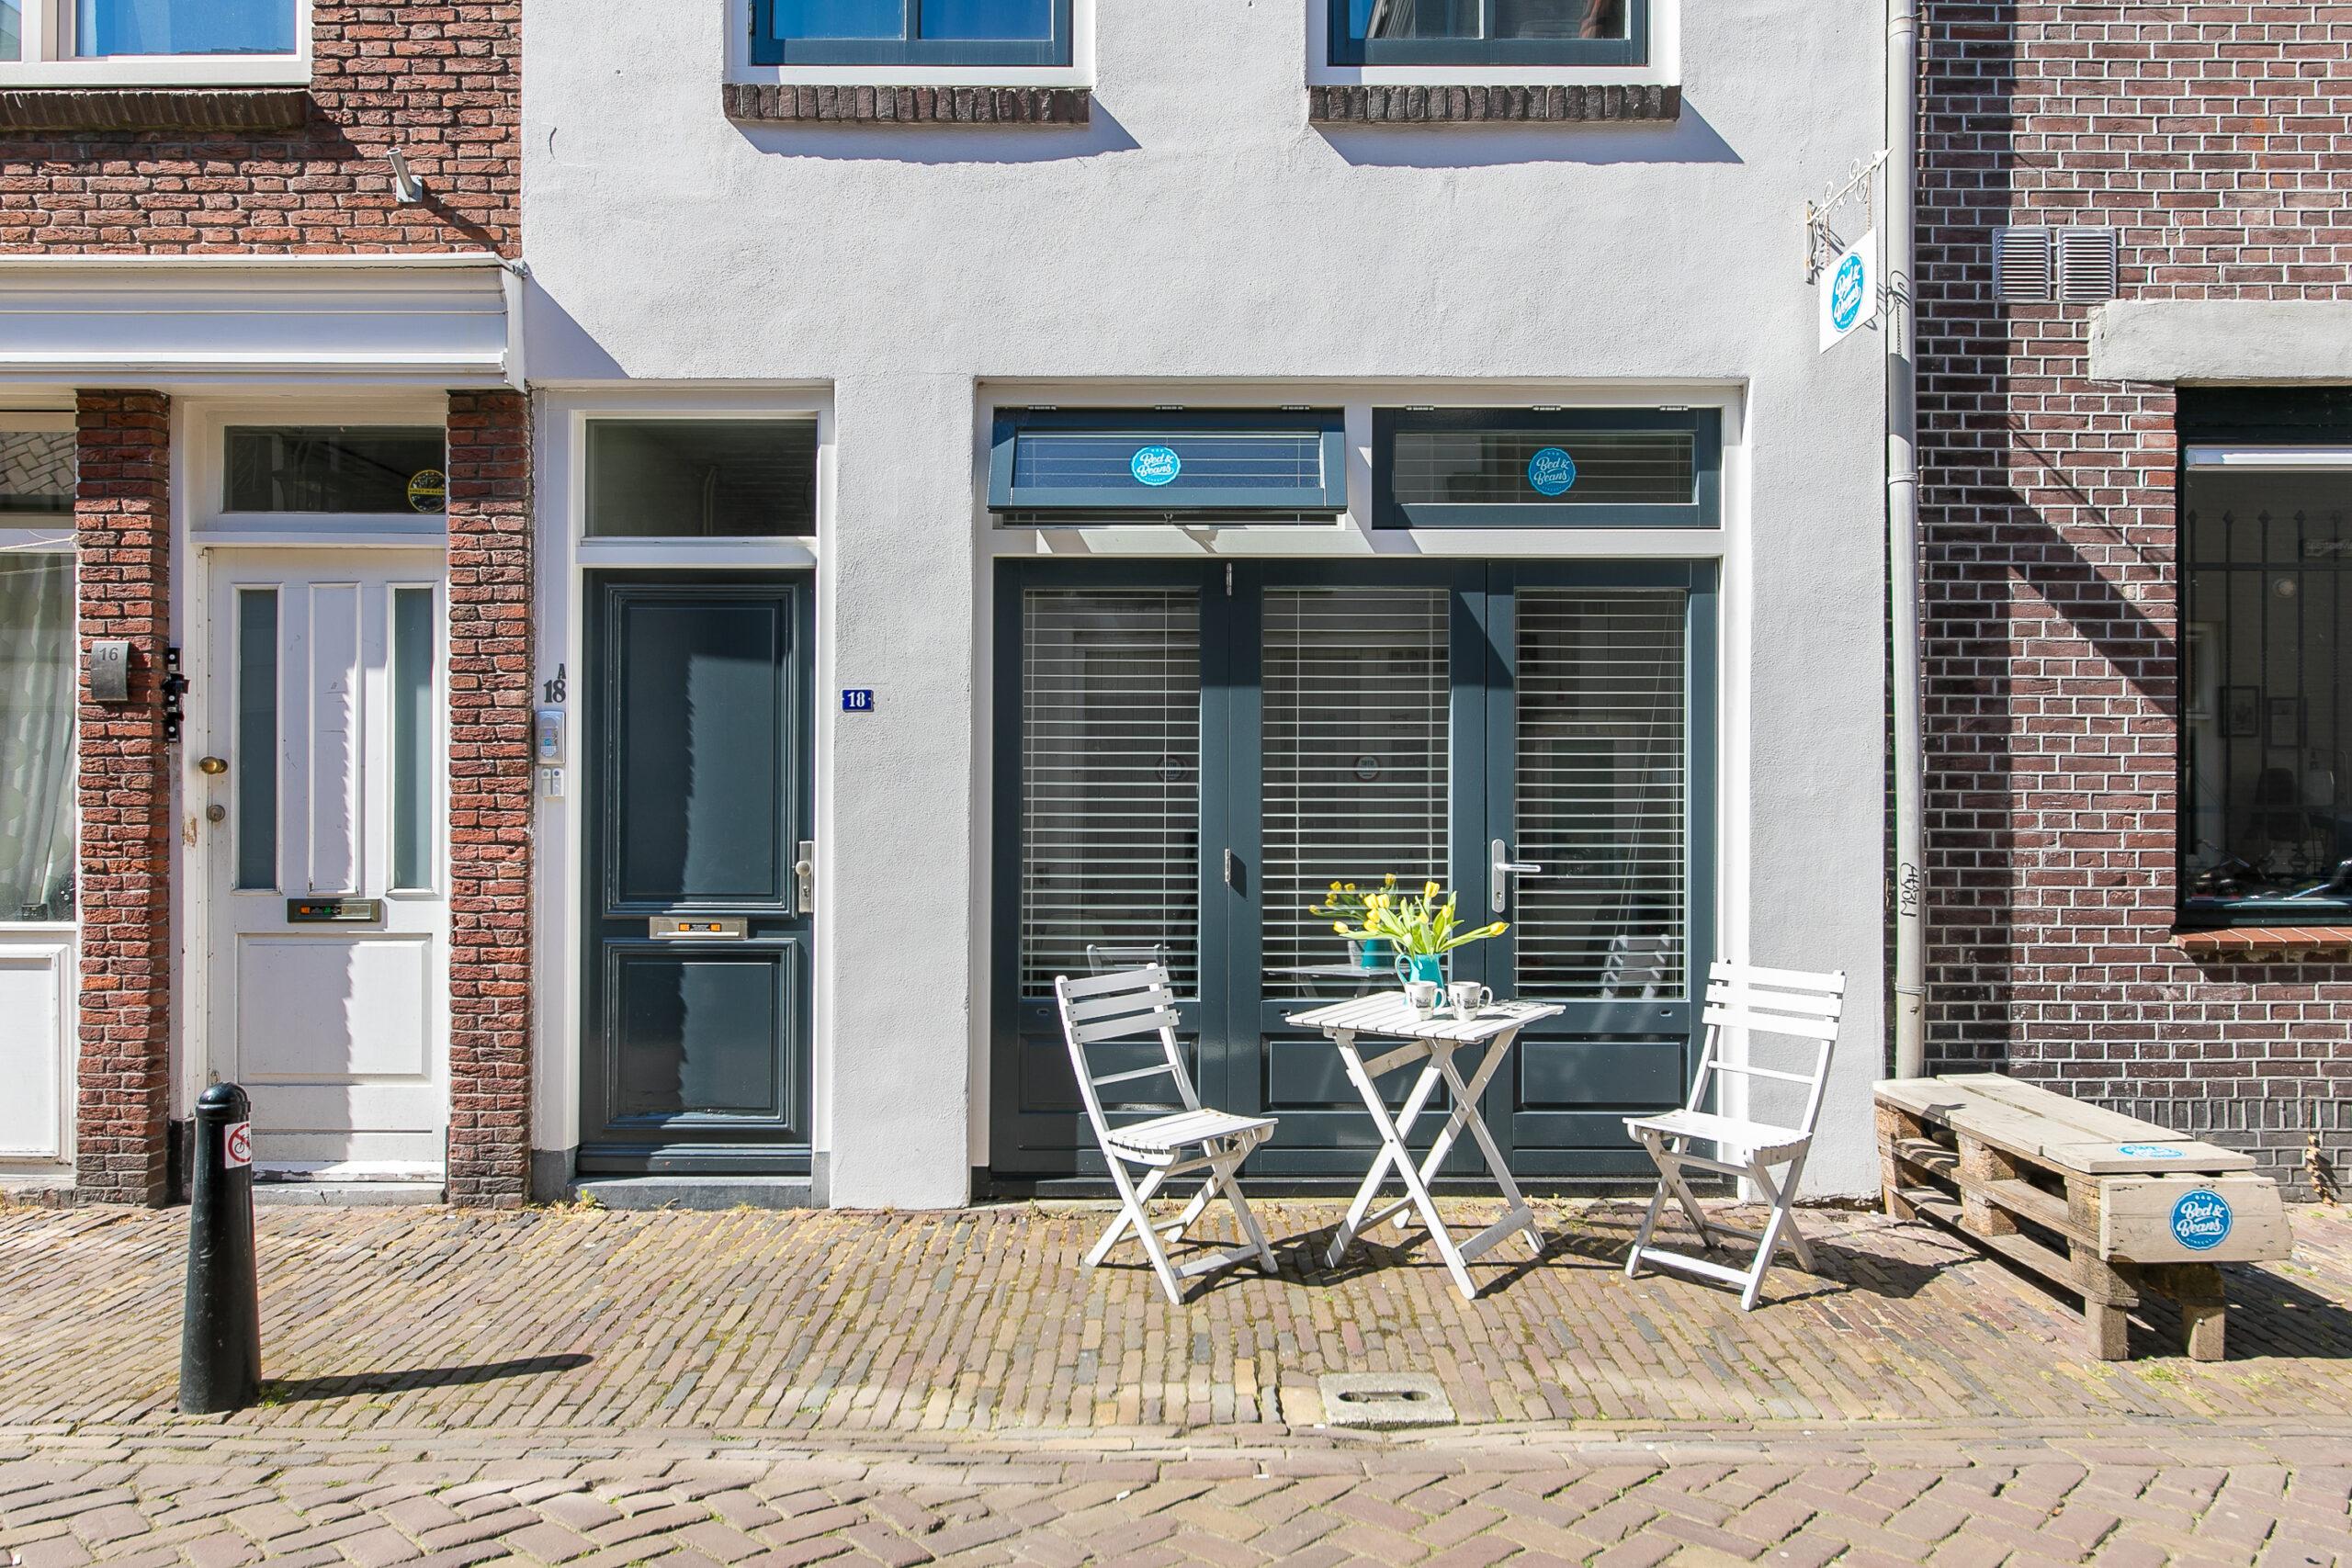 Kalverstraat 18, 3512 TR Utrecht